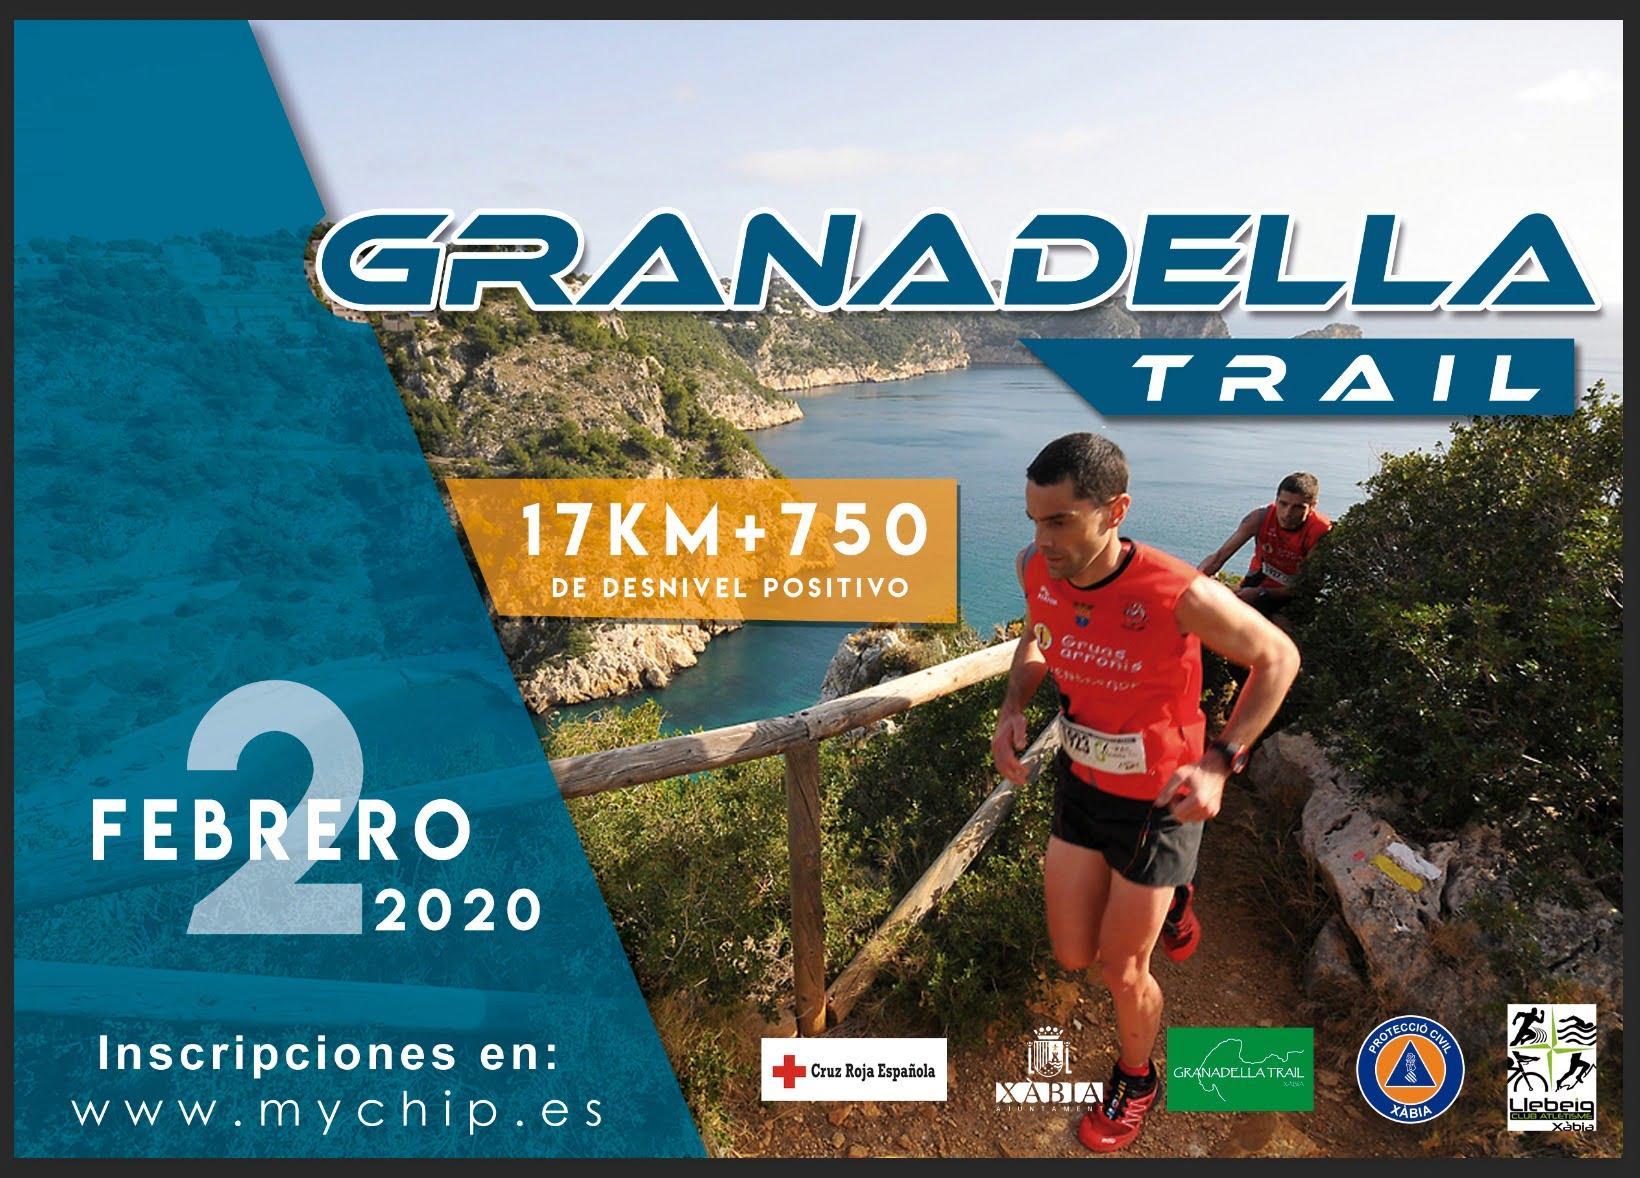 Granadella Trail 2020 Poster